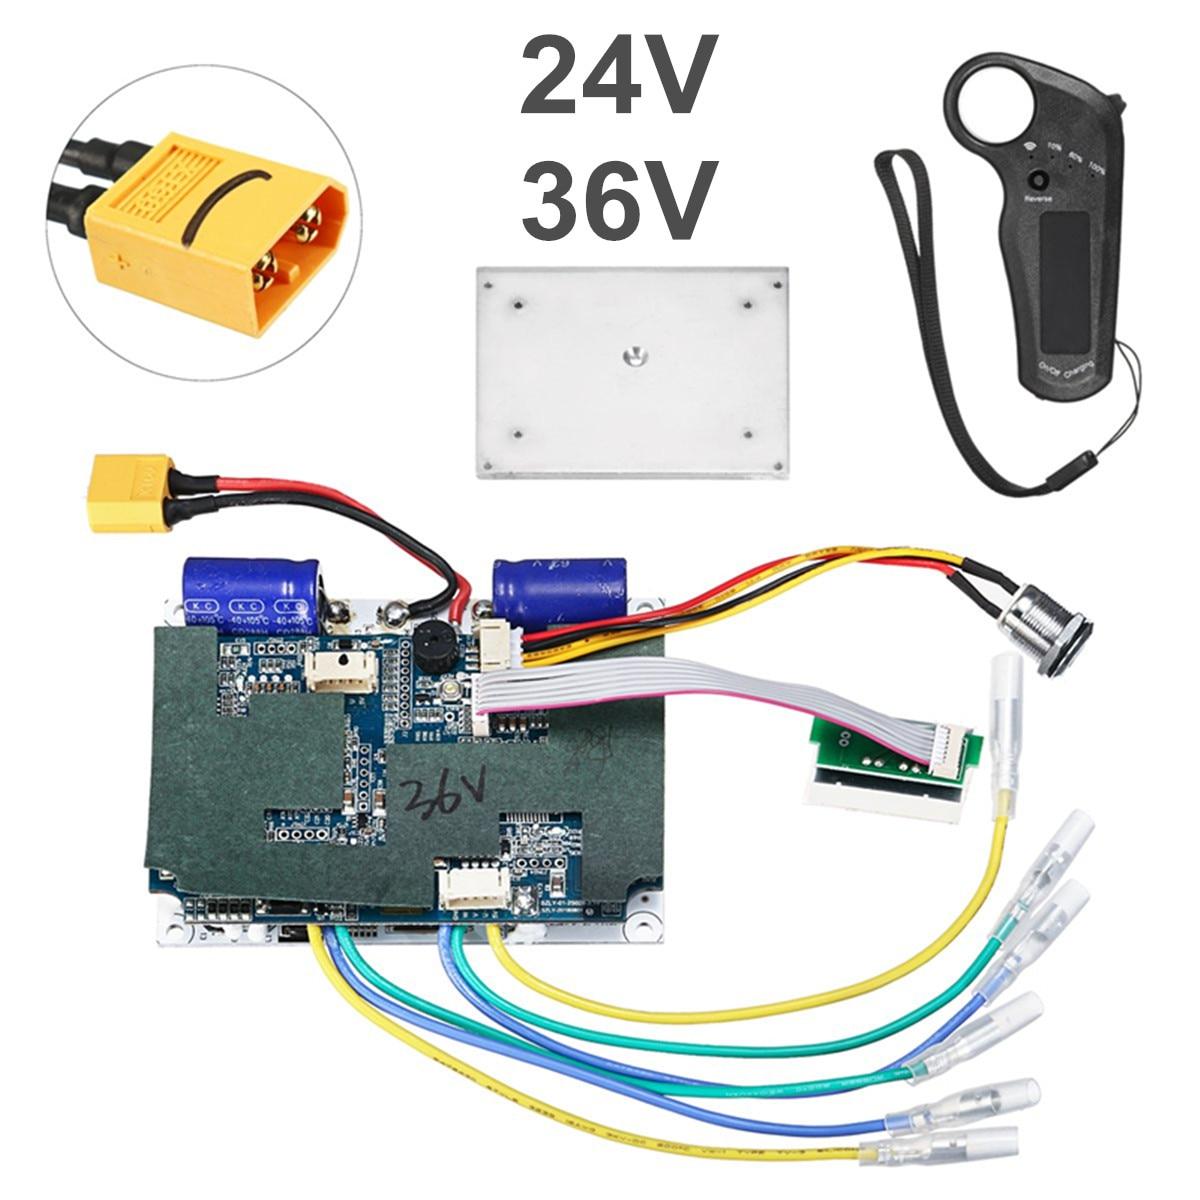 24/36 V Double ceinture moteur électrique planche à roulettes contrôleur Longboard ESC pièces de rechange Scooter carte mère Instrument outils